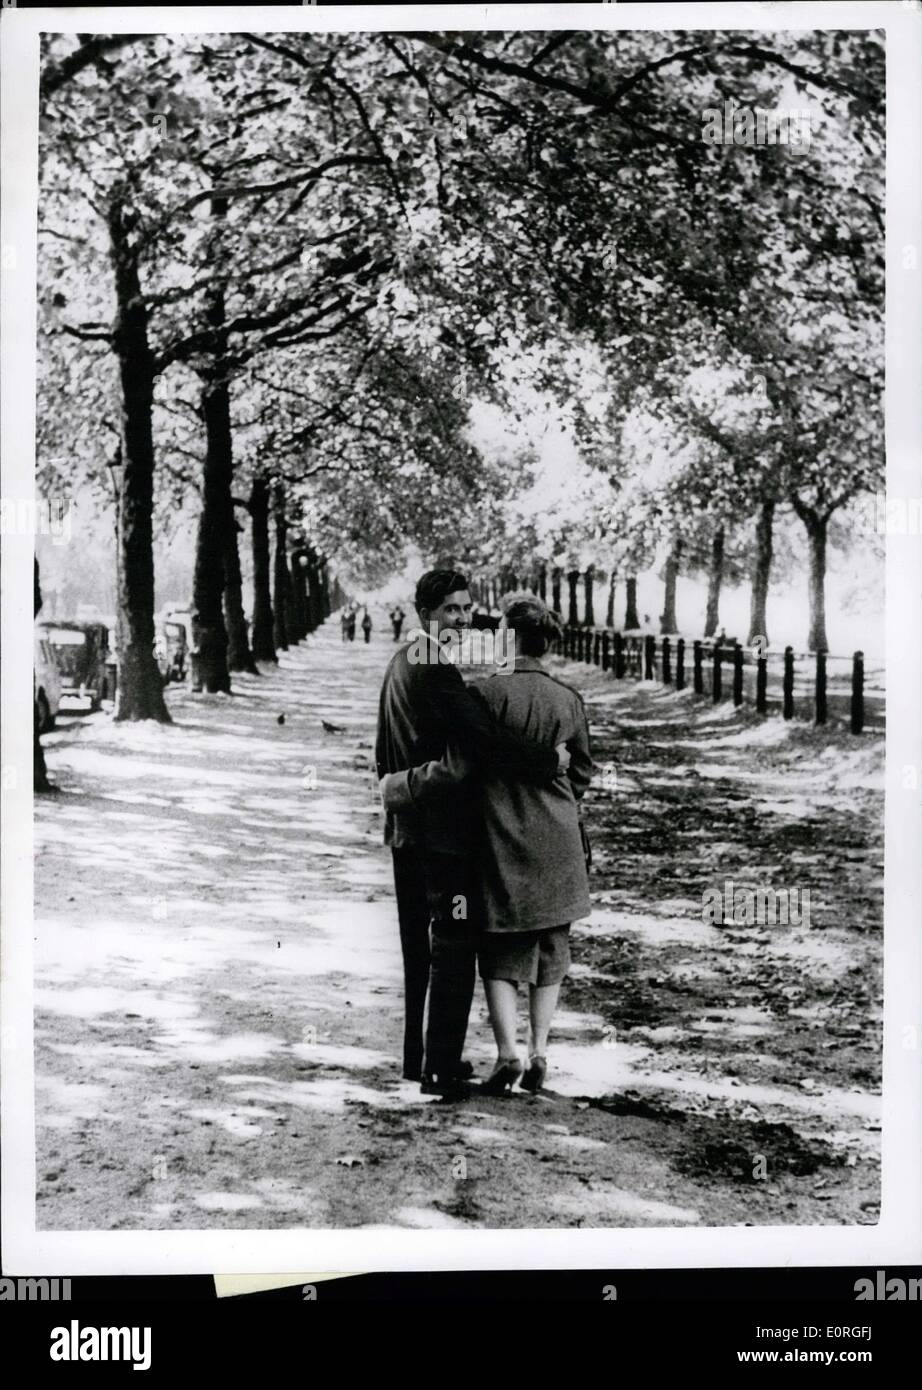 Agosto 08, 1959 - Runaway ereditiera dal Sud Africa arriva a Londra con la sua amata: Bella Vera Middleton, il 20-anno-vecchio runaway ereditiera da Cape Town, Sud Africa, e la sua fidanzata, 26-anno-vecchio Bill Scott, arrivato a Londra ieri. Essi erano arrivati in precedenza nel liner Carnarvon Castle a Southampton con solo £2 tra di essi Immagini Stock